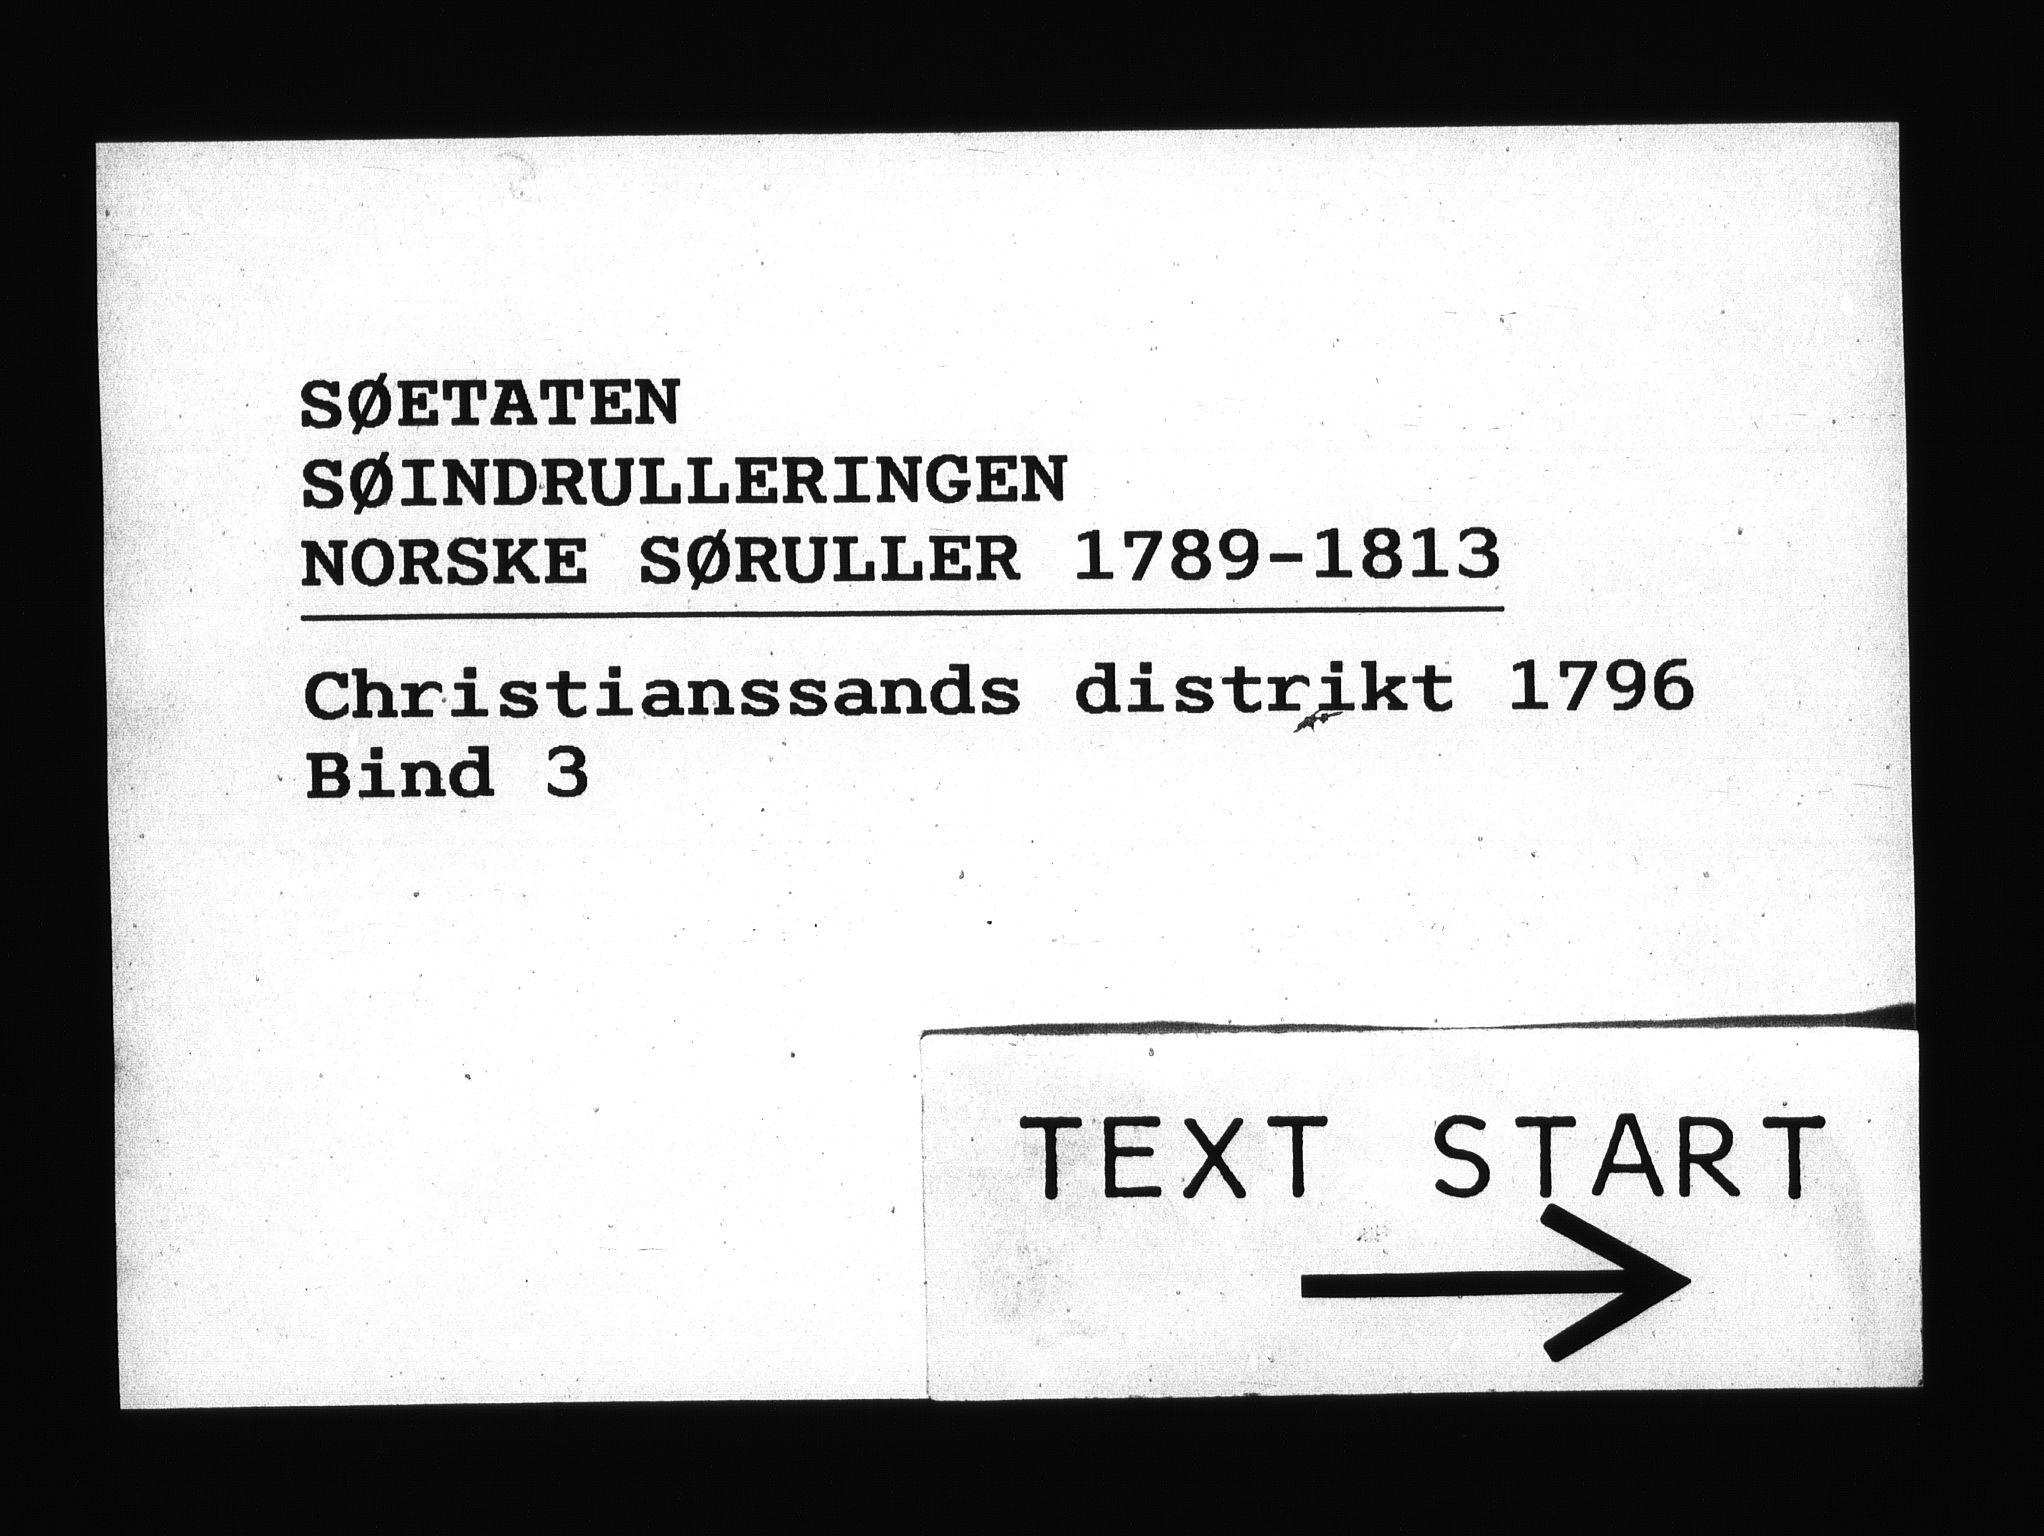 RA, Sjøetaten, F/L0028: Kristiansand distrikt, bind 3, 1796